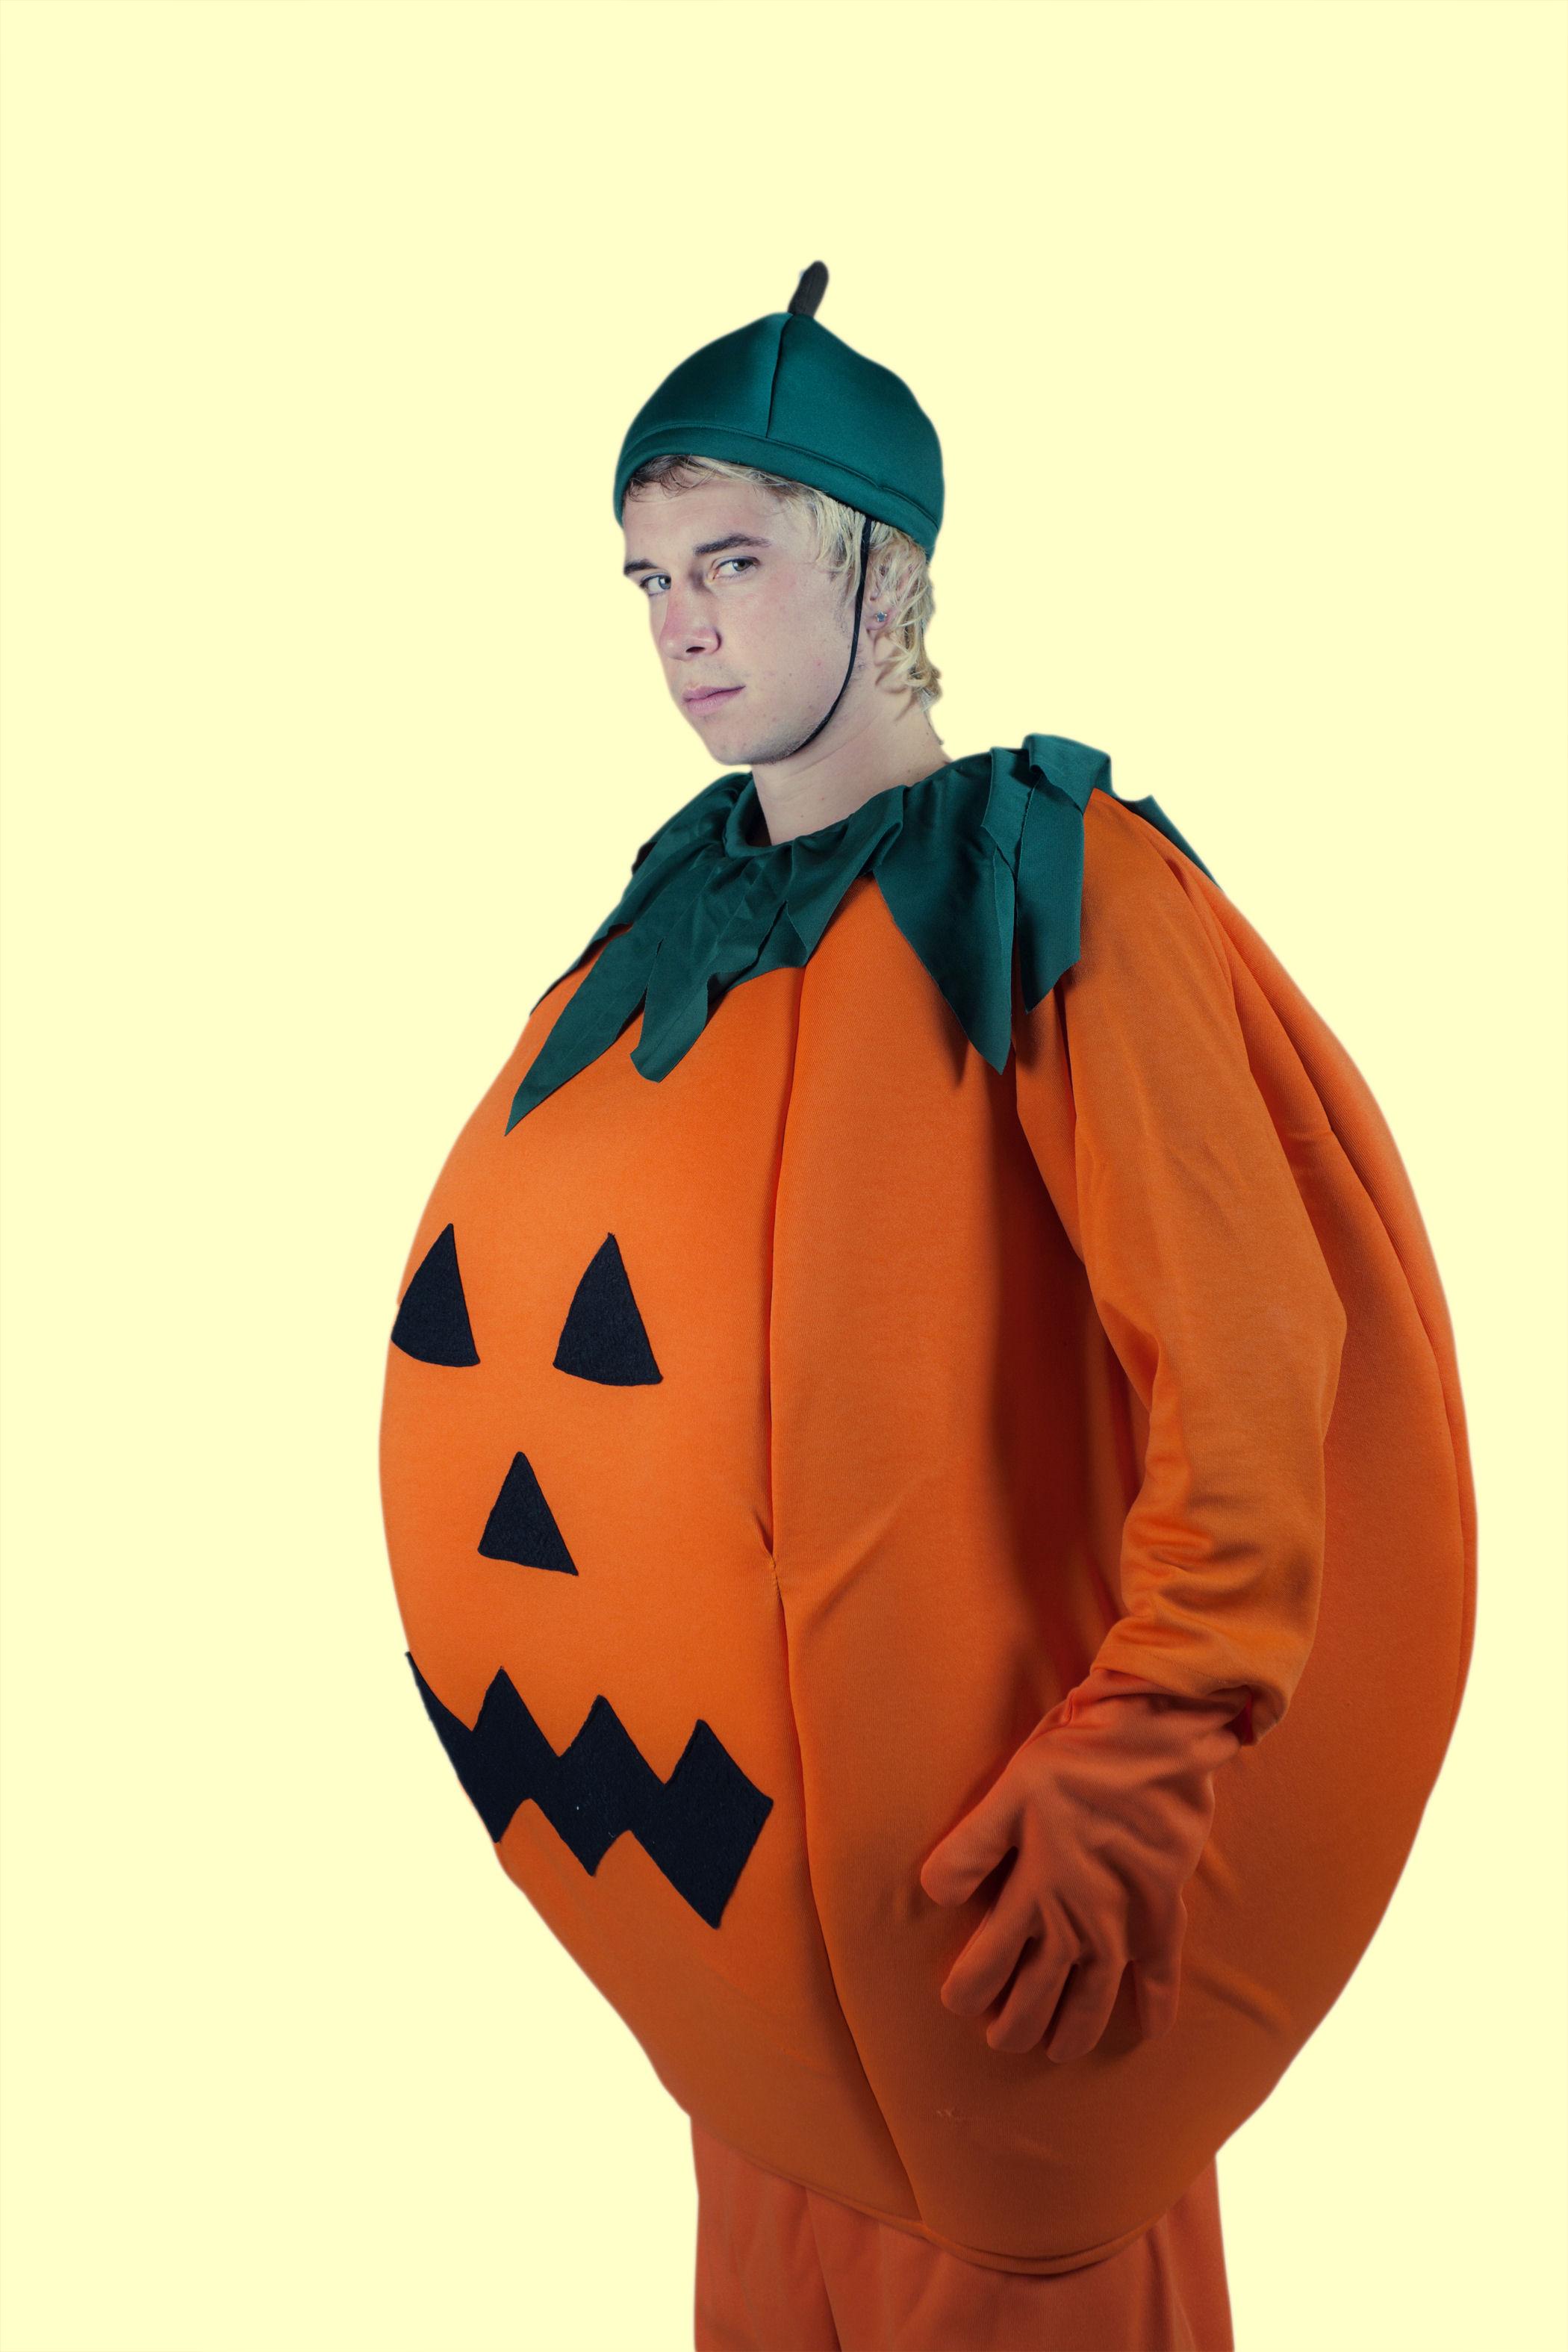 Deluxe-Pumpkin-Costume